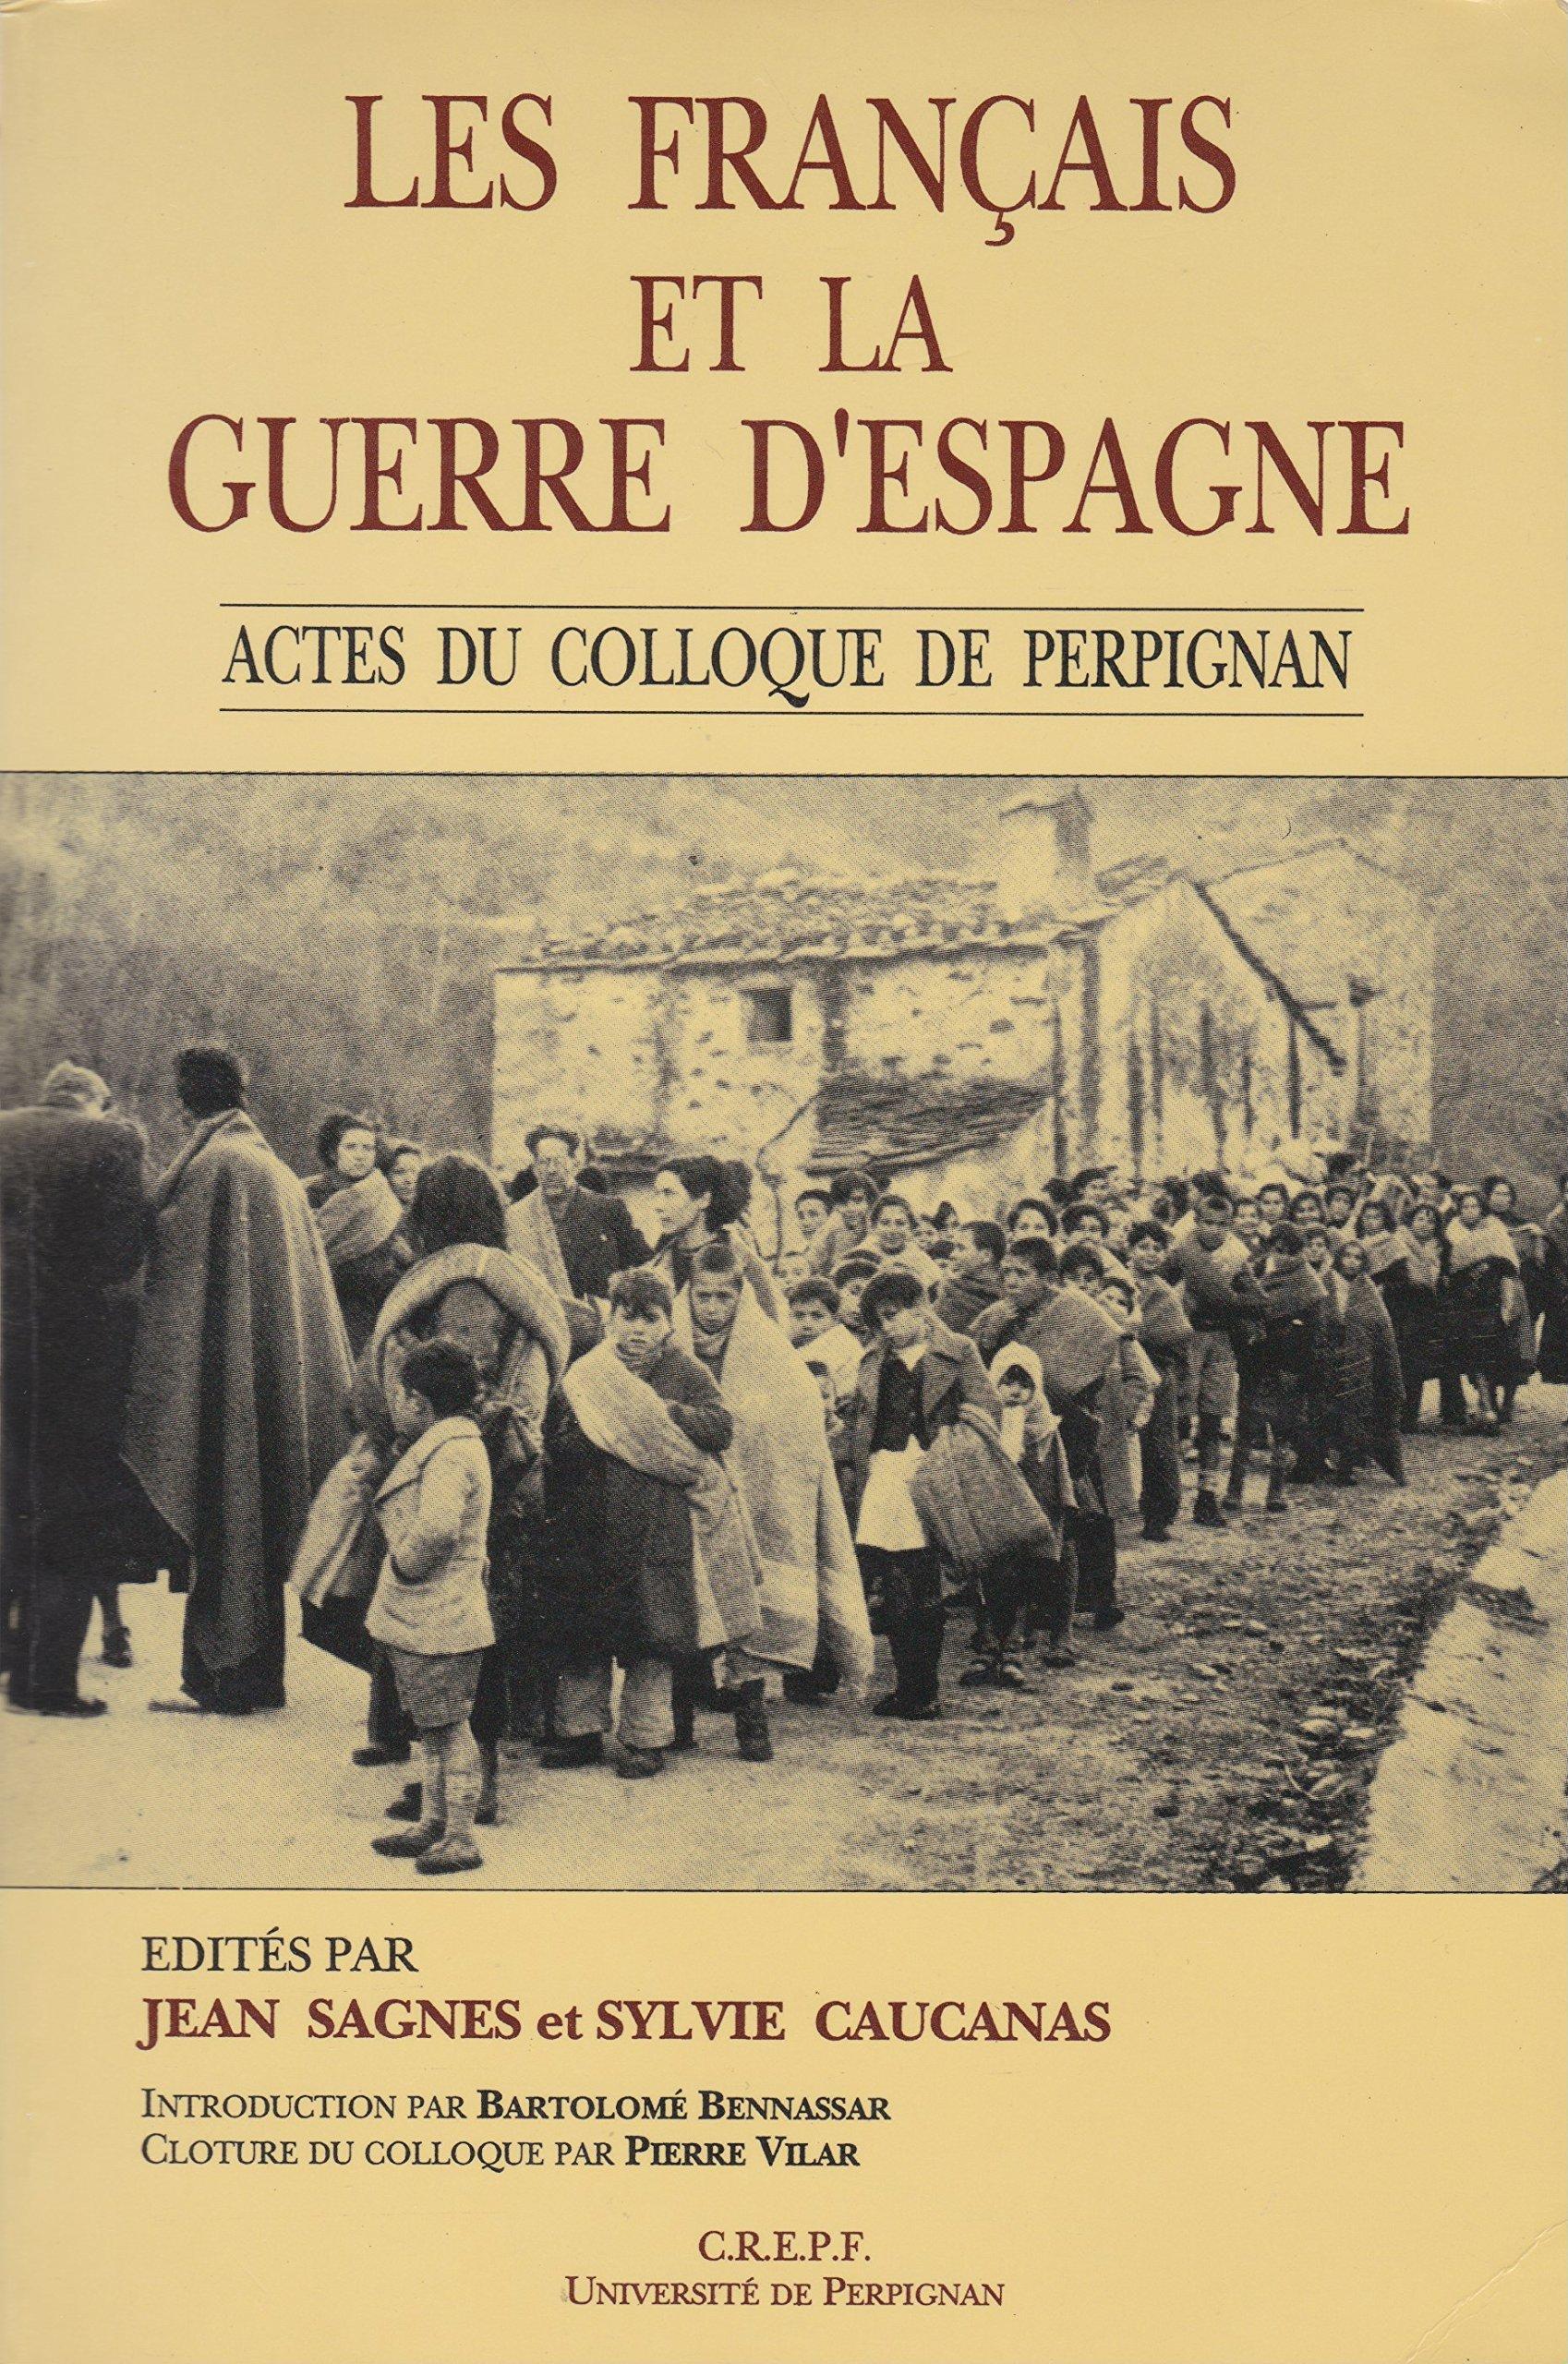 Les Français et la guerre d'Espagne: Actes du colloque tenu à Perpignan les 28, 29, et 30 septembre 1989 Broché – 1990 Sagnes Pu Perpignan 2950477003 1900-1945